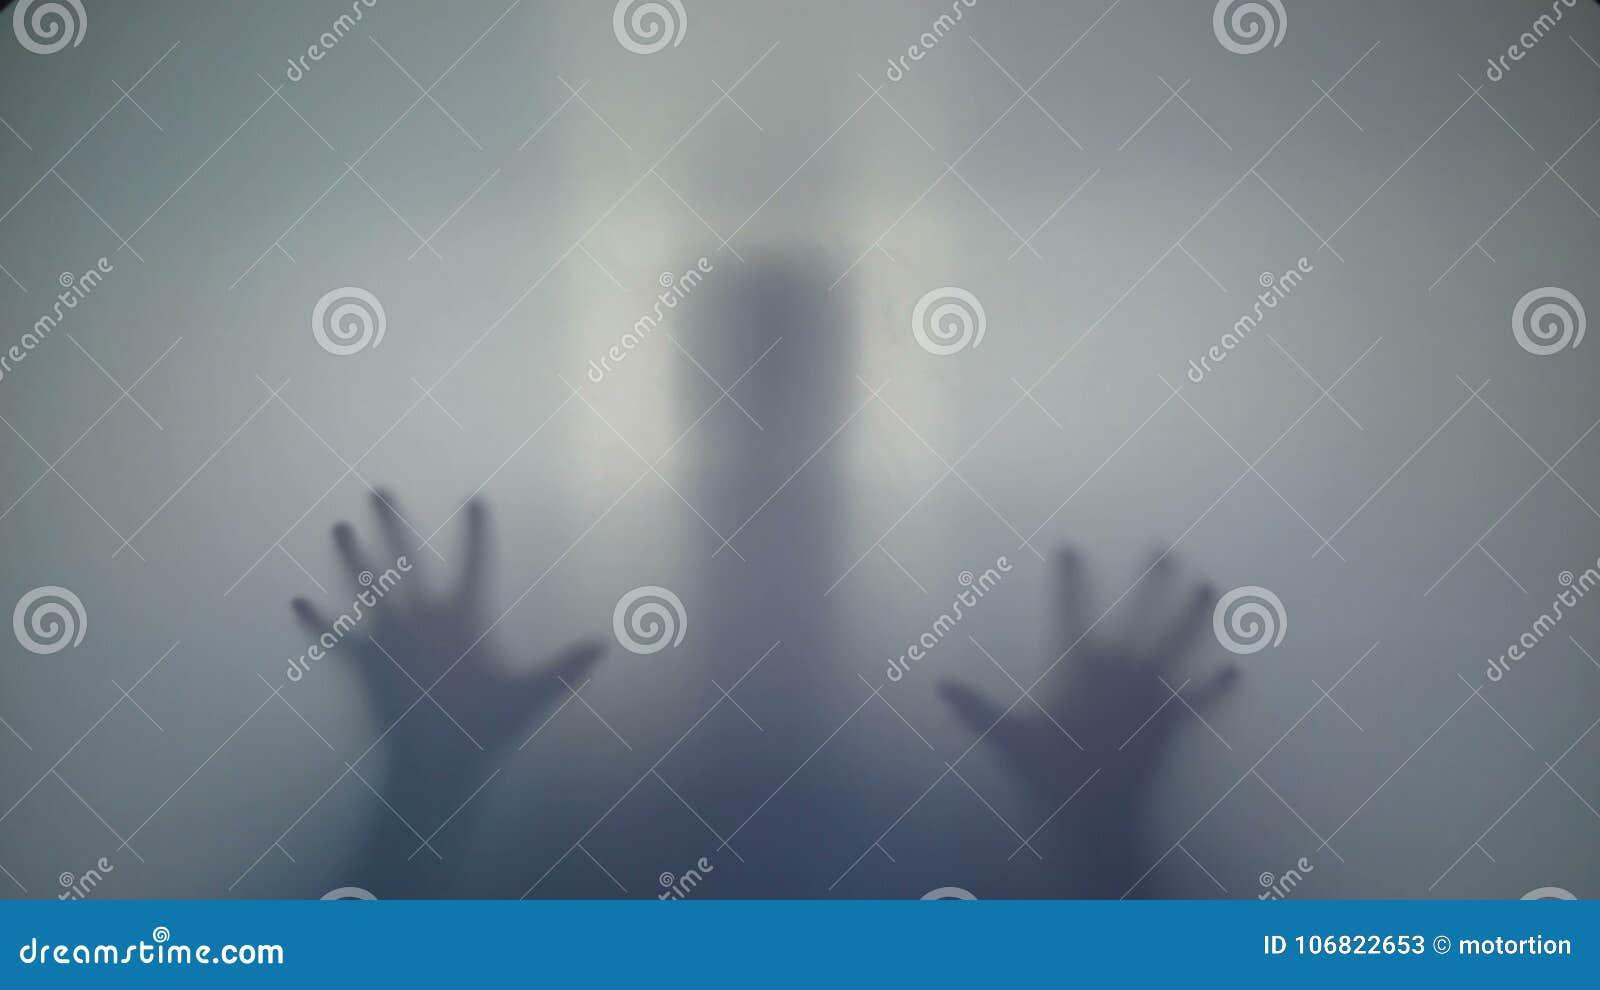 Förfärlig kontur, läskig övernaturlig främling, konstig varelse arkivfilmer